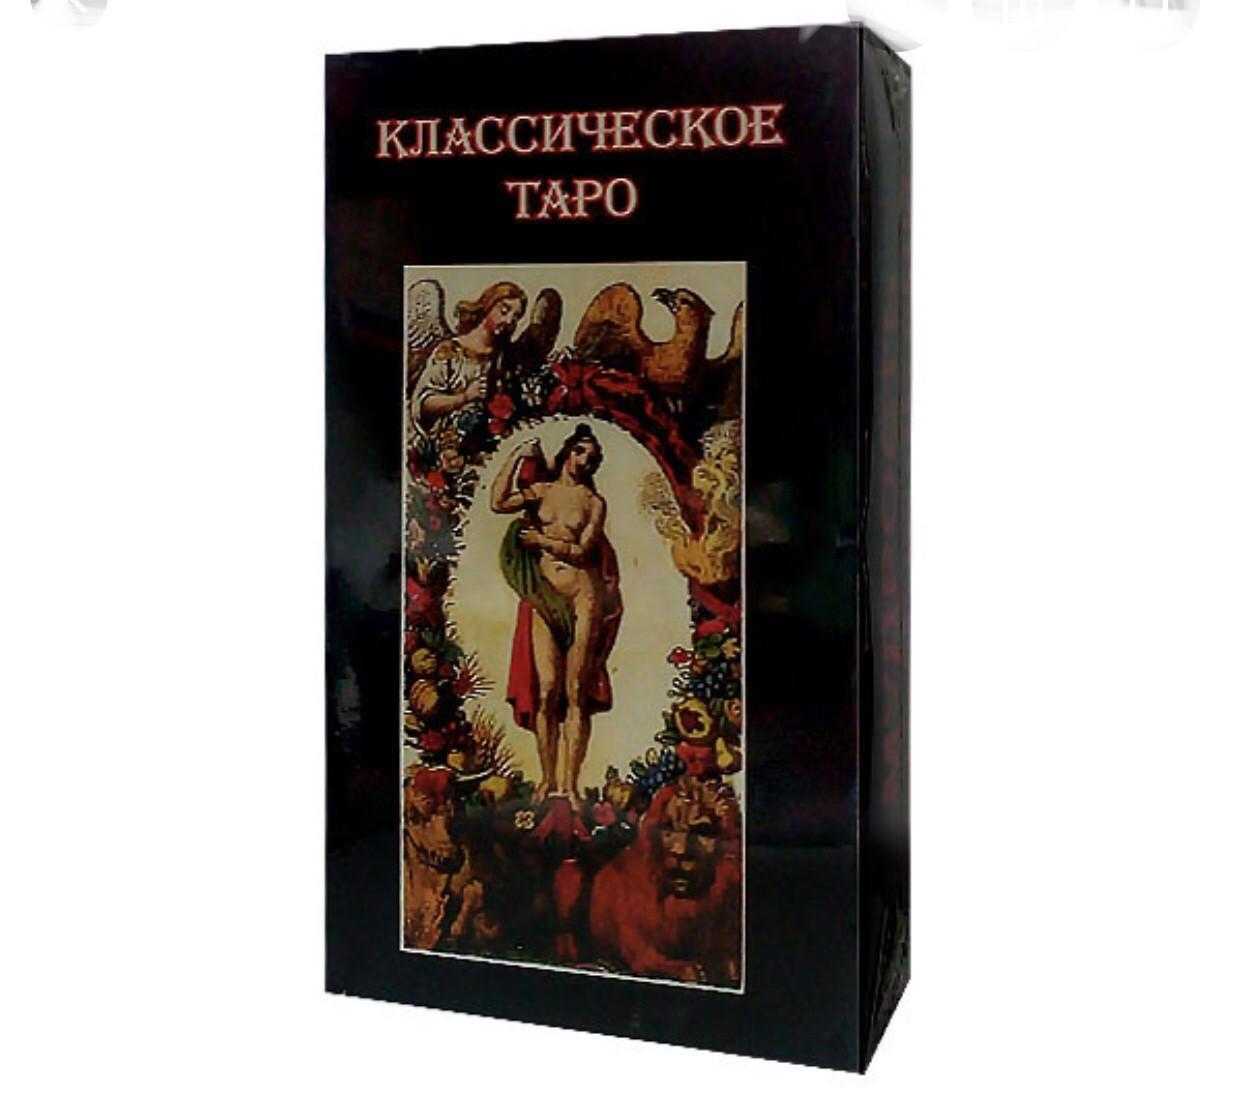 Карты Таро Классическое ТАРО